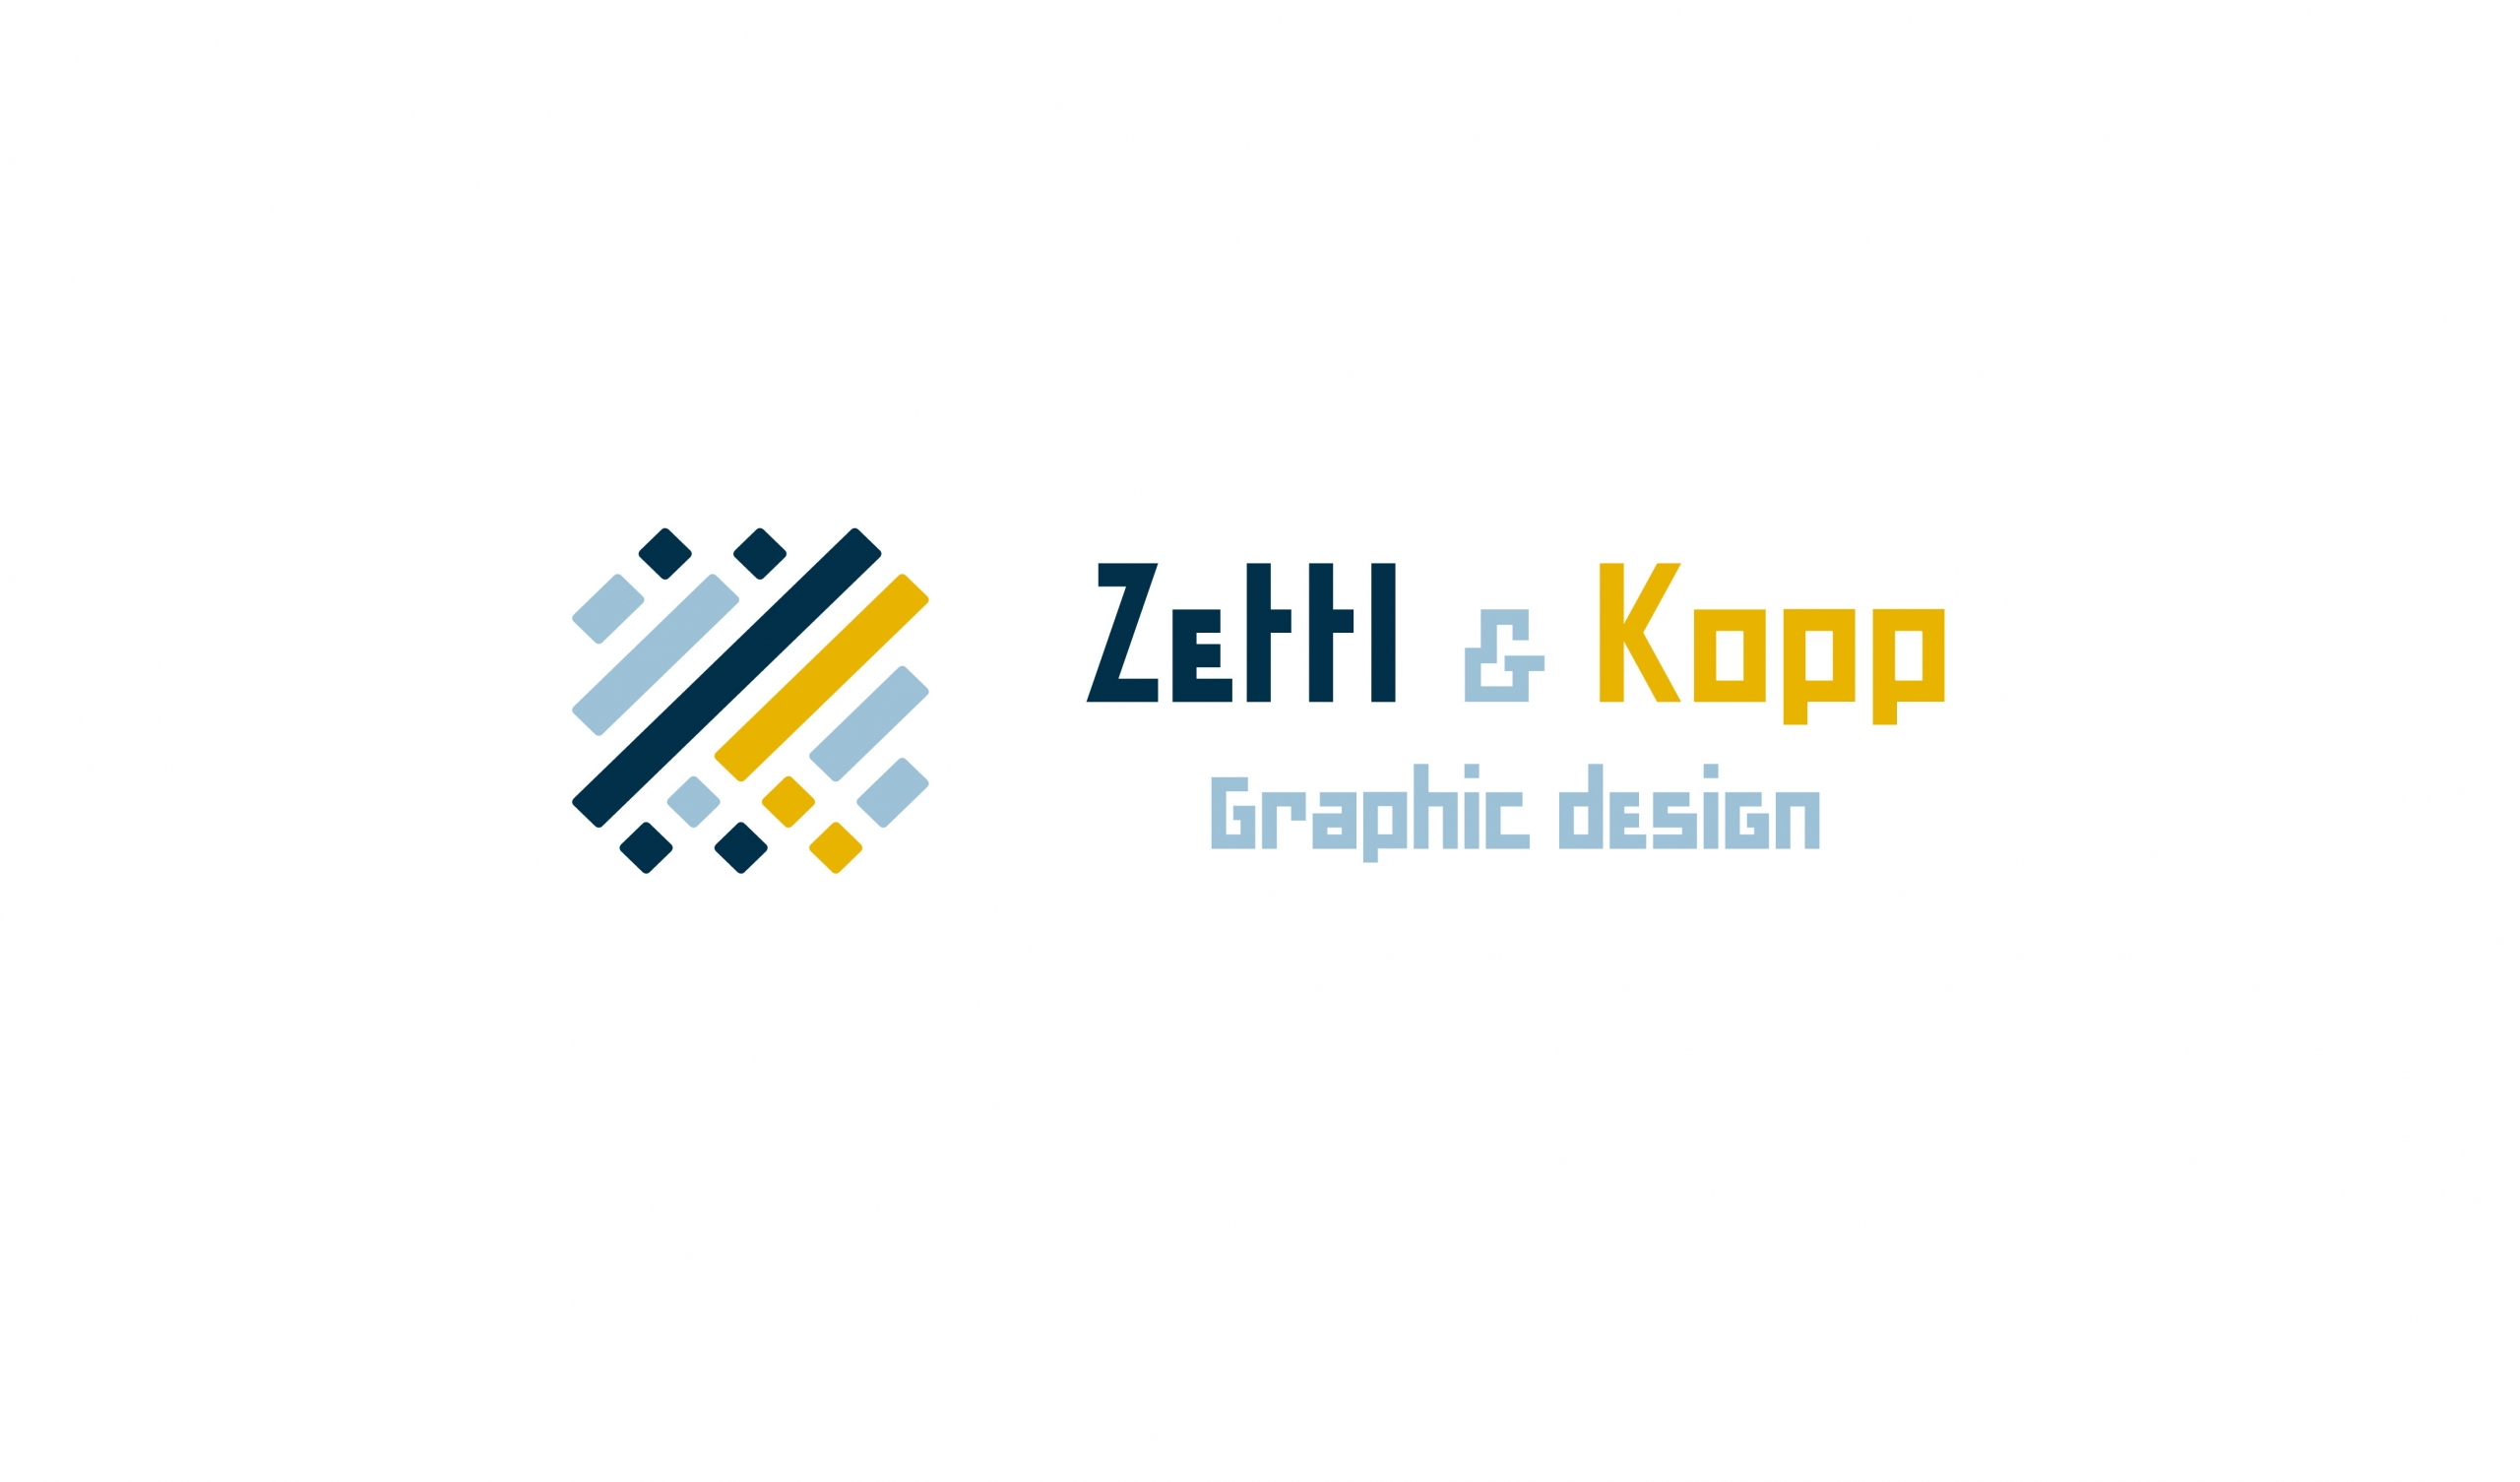 Logo groß ZettlKopp GbR – graphic design / Grafikdesign /Kommunikationsdesign